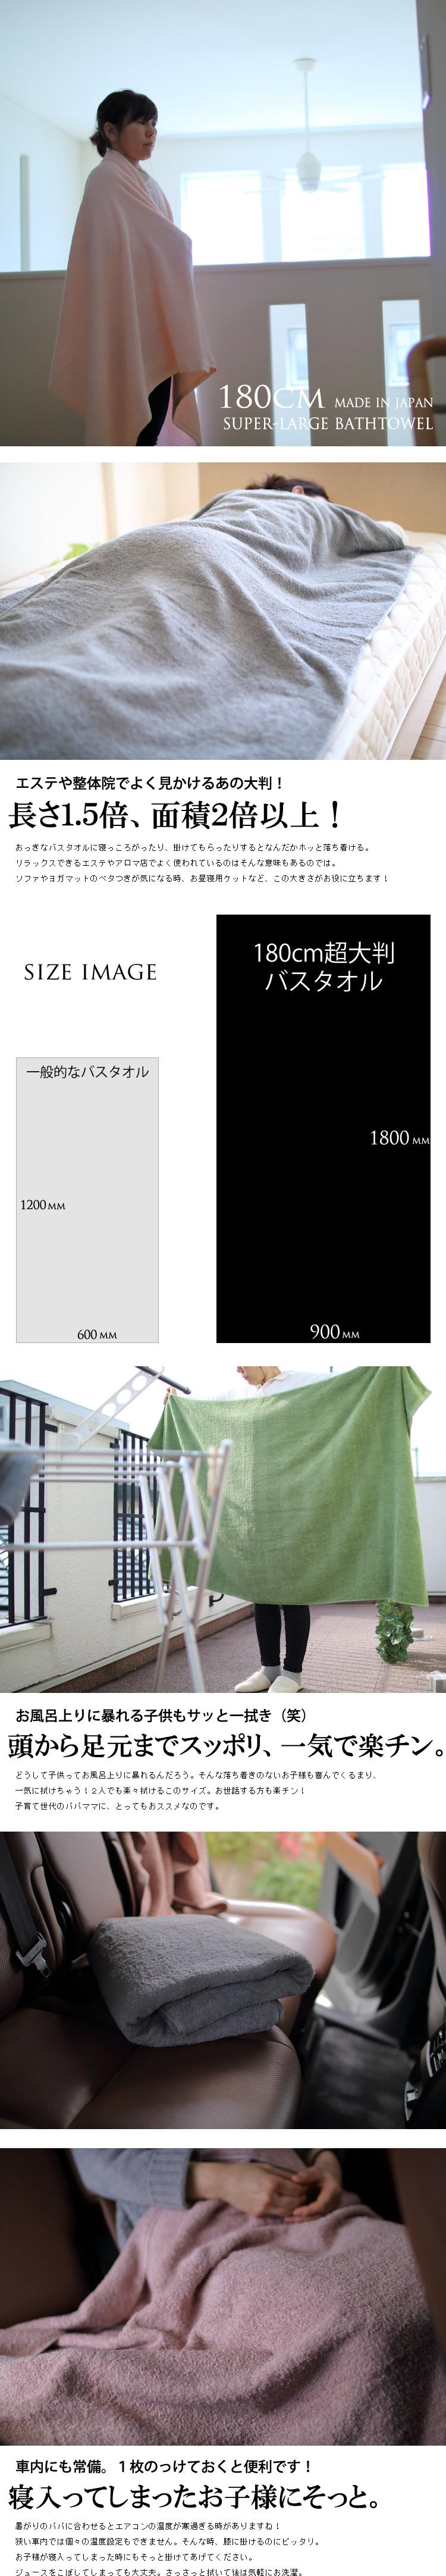 180cm超大判バスタオル1